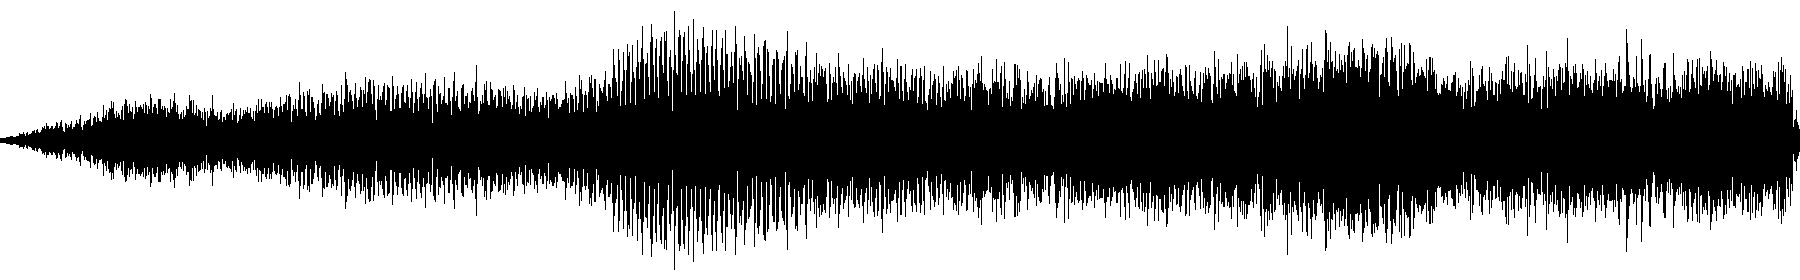 vedh synth cut 062 bm